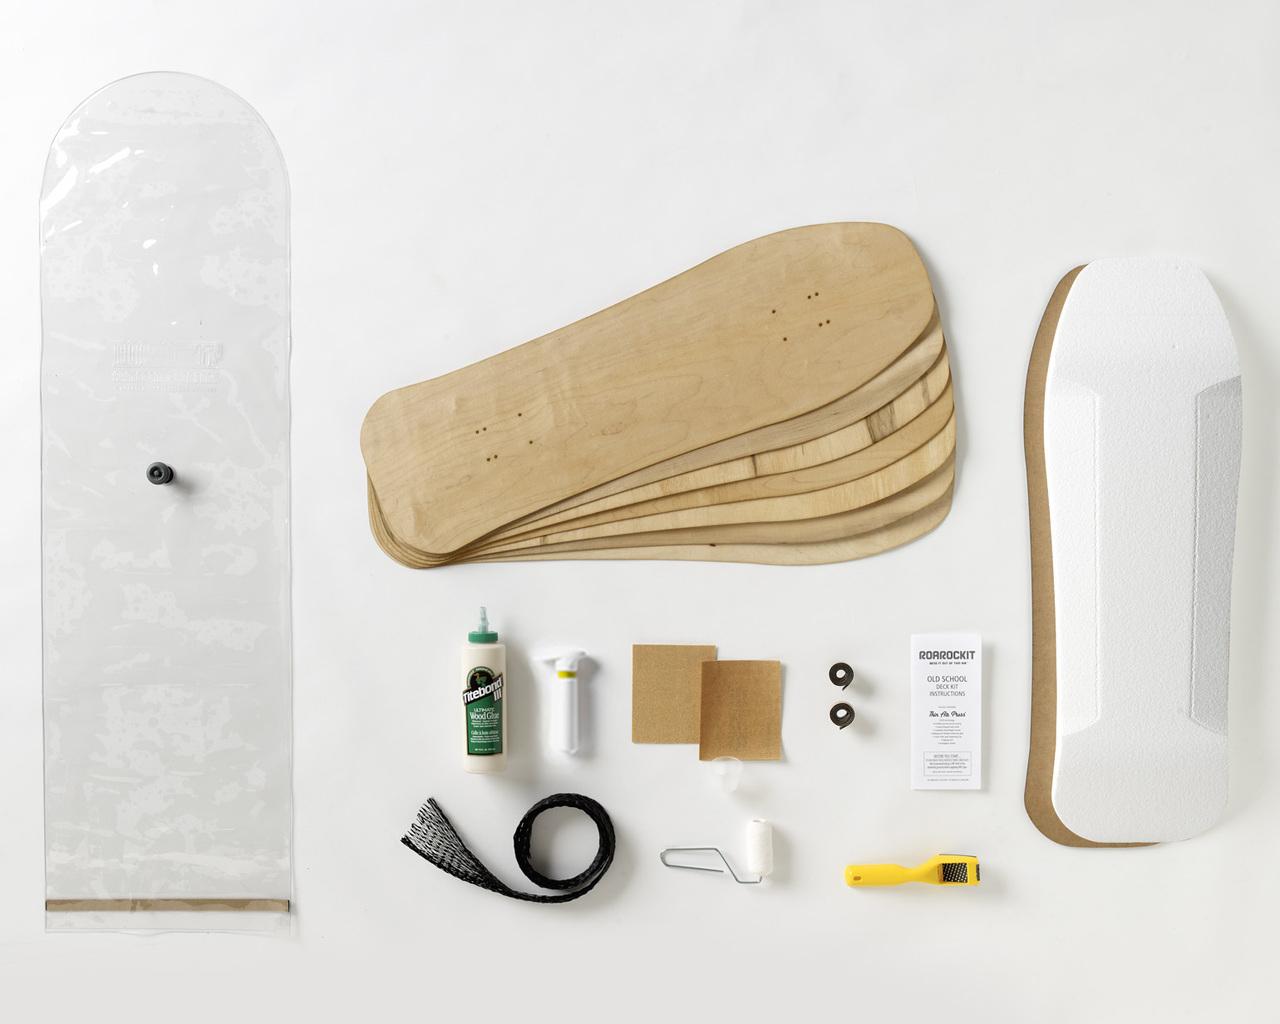 osk01-sp-old-school-kit-1540.jpg